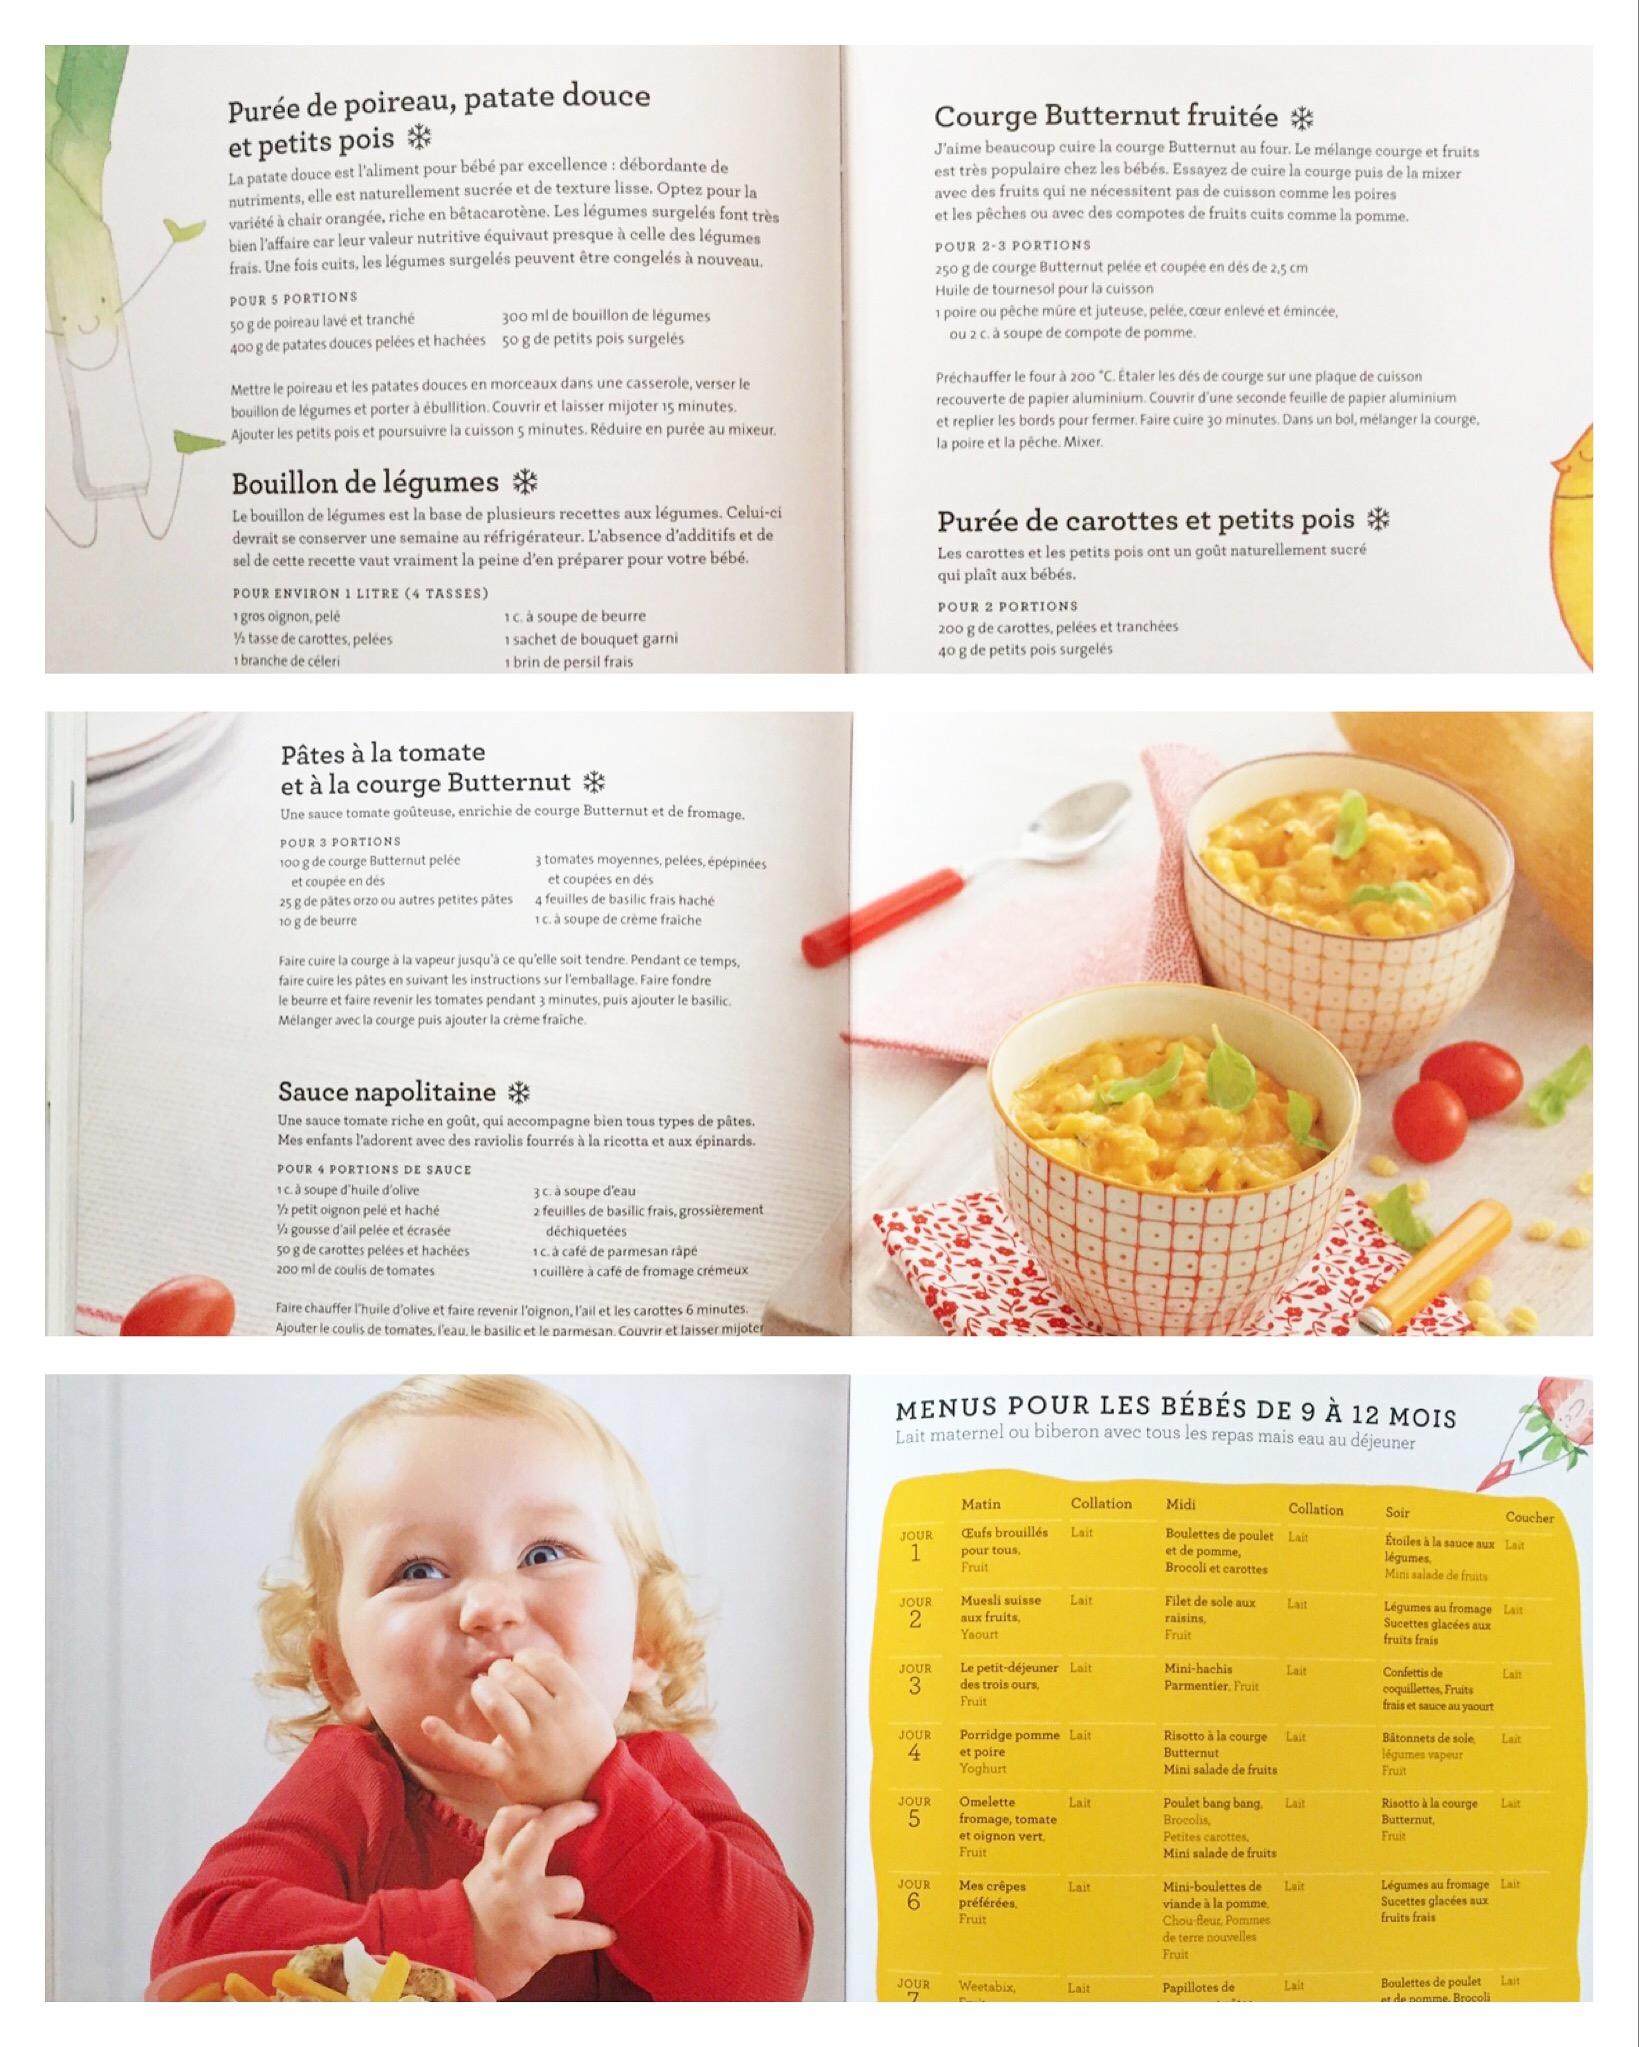 Bébé Mange De Tout Annabel Karmel Un Article De Régalez Bébé - Recette de cuisine pour bebe